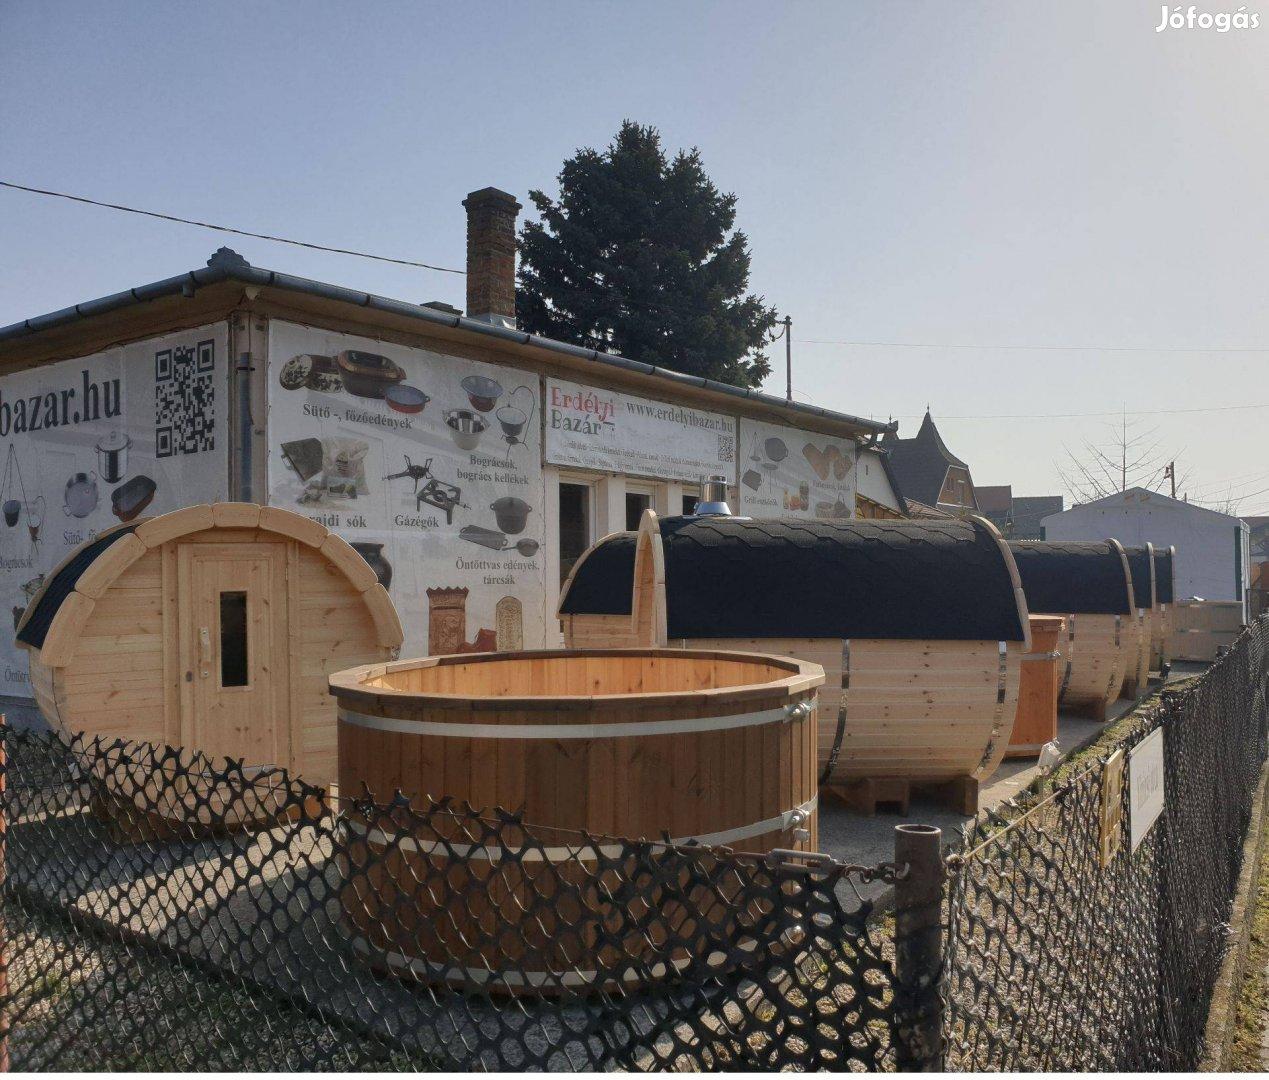 Minőségi észak európai borovifenyő finn szauna, hordó szauna kályhával